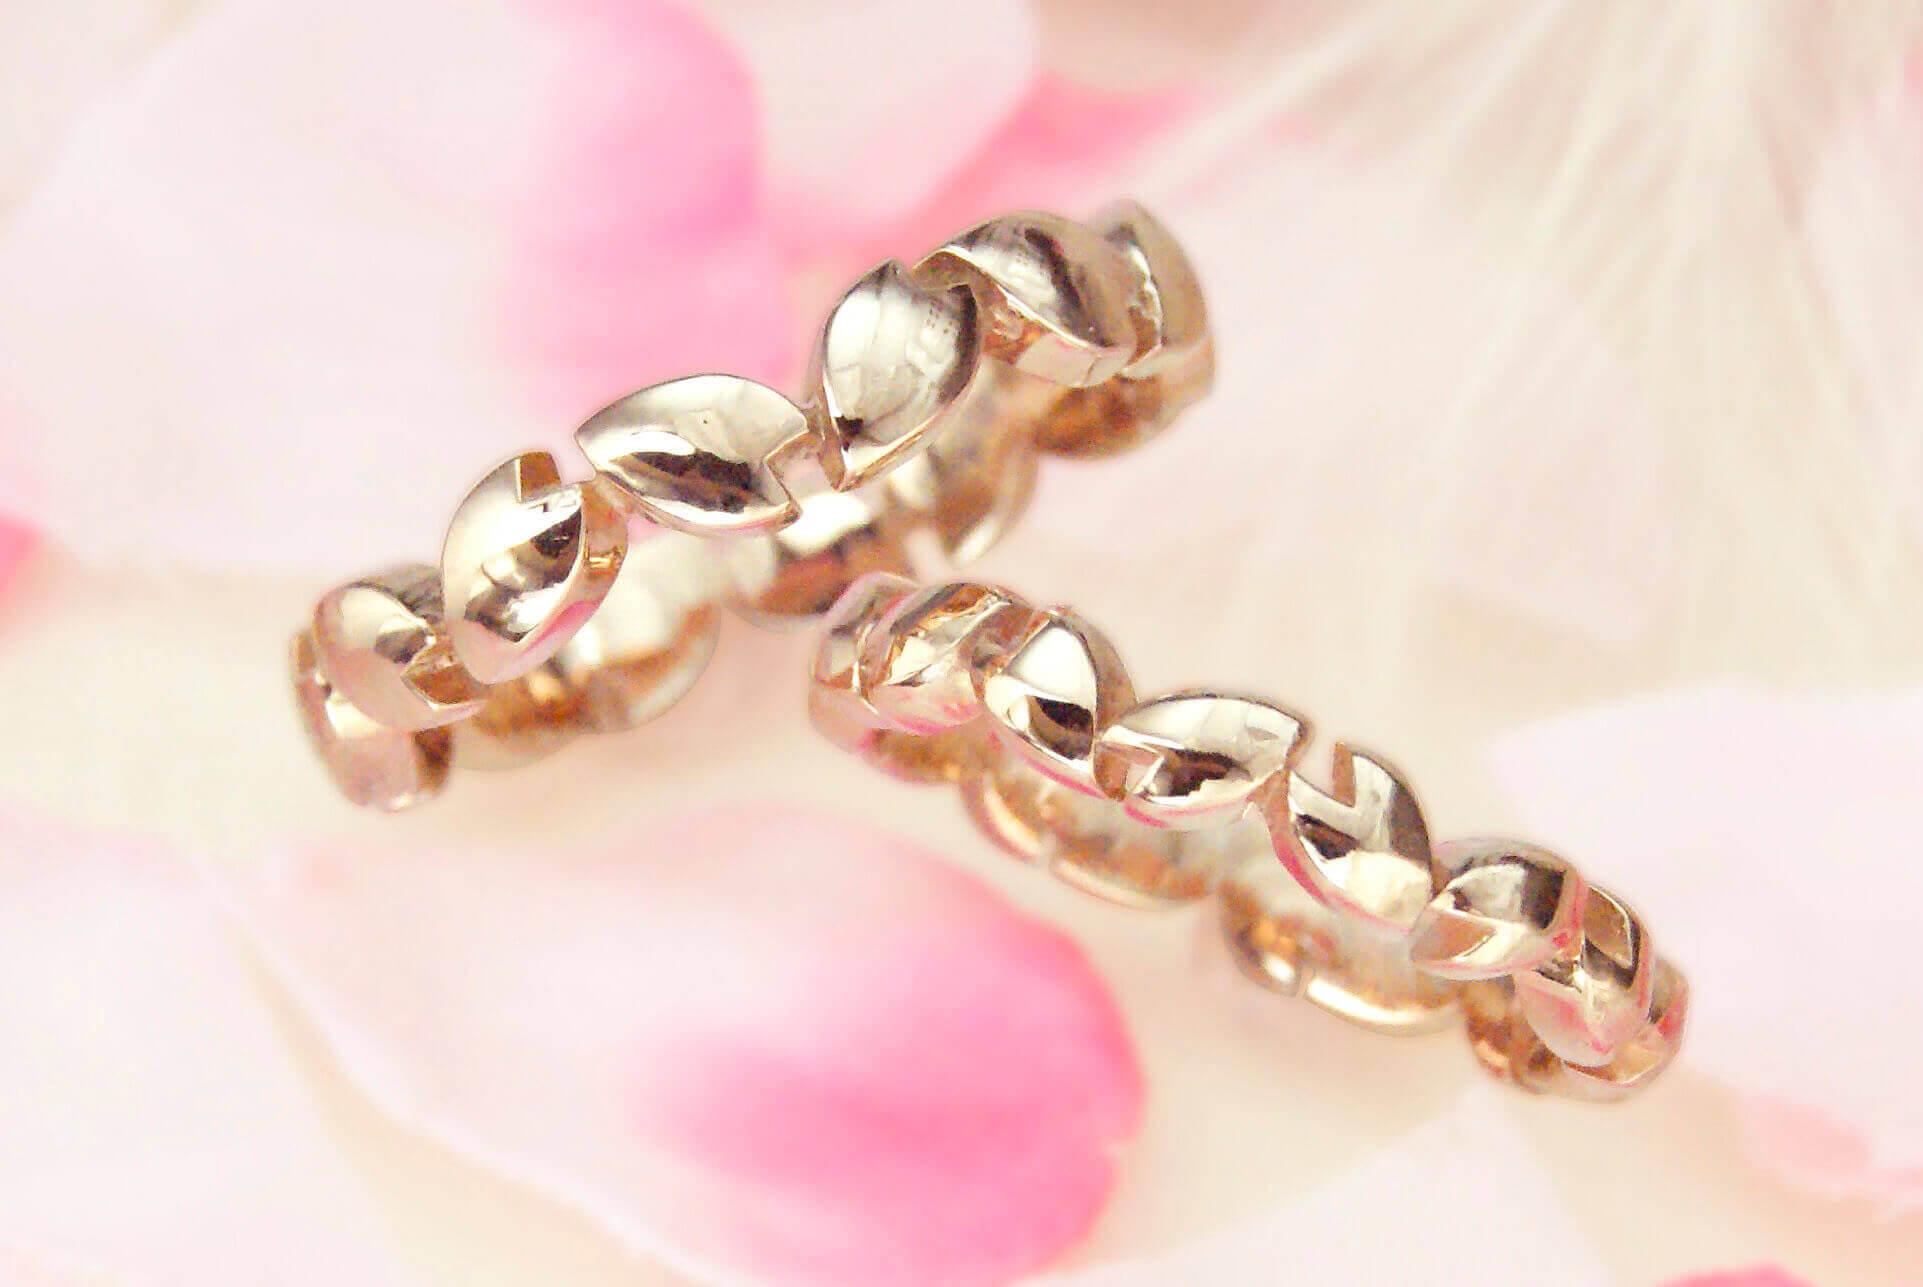 デザイン | 二人の思い出 | かざりやゆい | 世界に一つだけの結婚指輪「kazariya Yui」 | 福島県郡山市